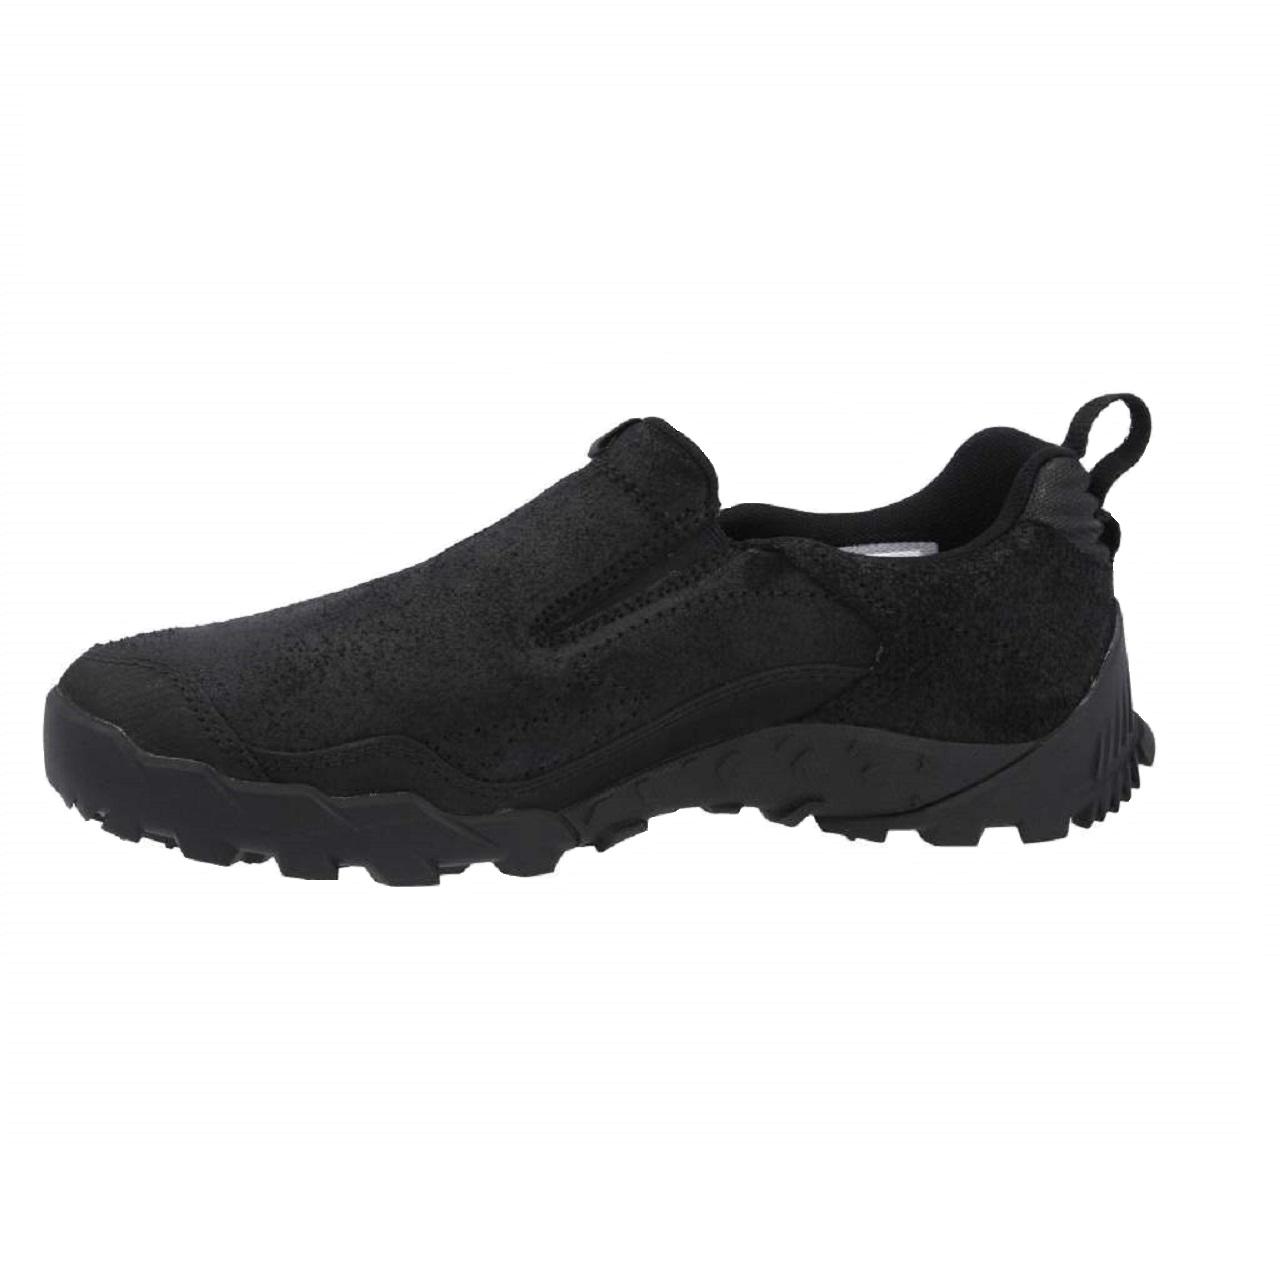 کفش راحتی مردانه مرل مدل Annex trakv کد j16987